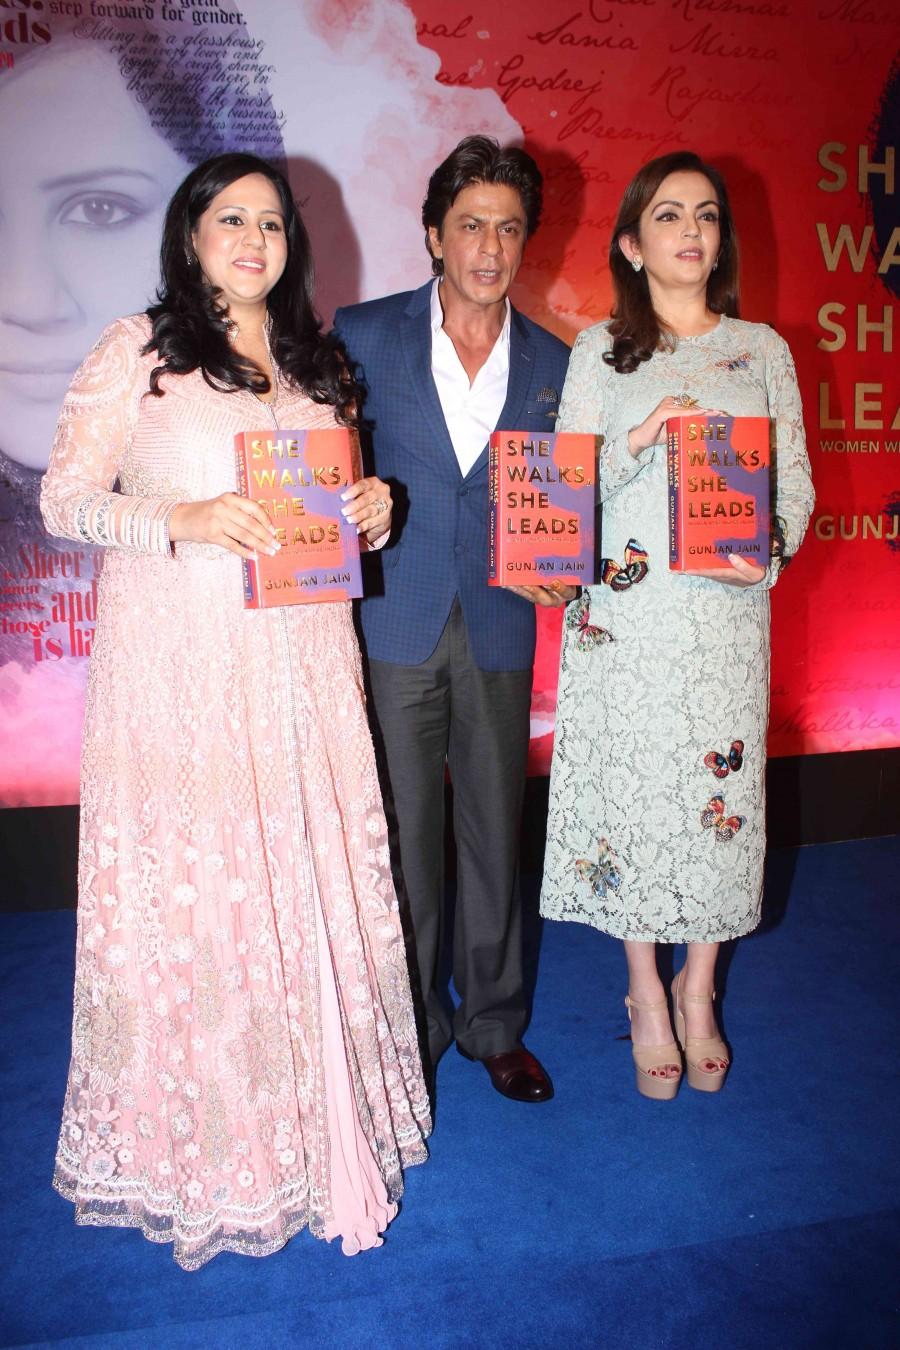 Shahrukh Khan,Neeta Ambani,Shahrukh Khan launches Gunjan Jain book,Neeta Ambani launches Gunjan Jain book,Gunjan Jain book,SRK,actor Shahrukh Khan,Shahrukh Khan latest pics,Shahrukh Khan latest images,Shahrukh Khan latest photos,Shahrukh Khan latest still